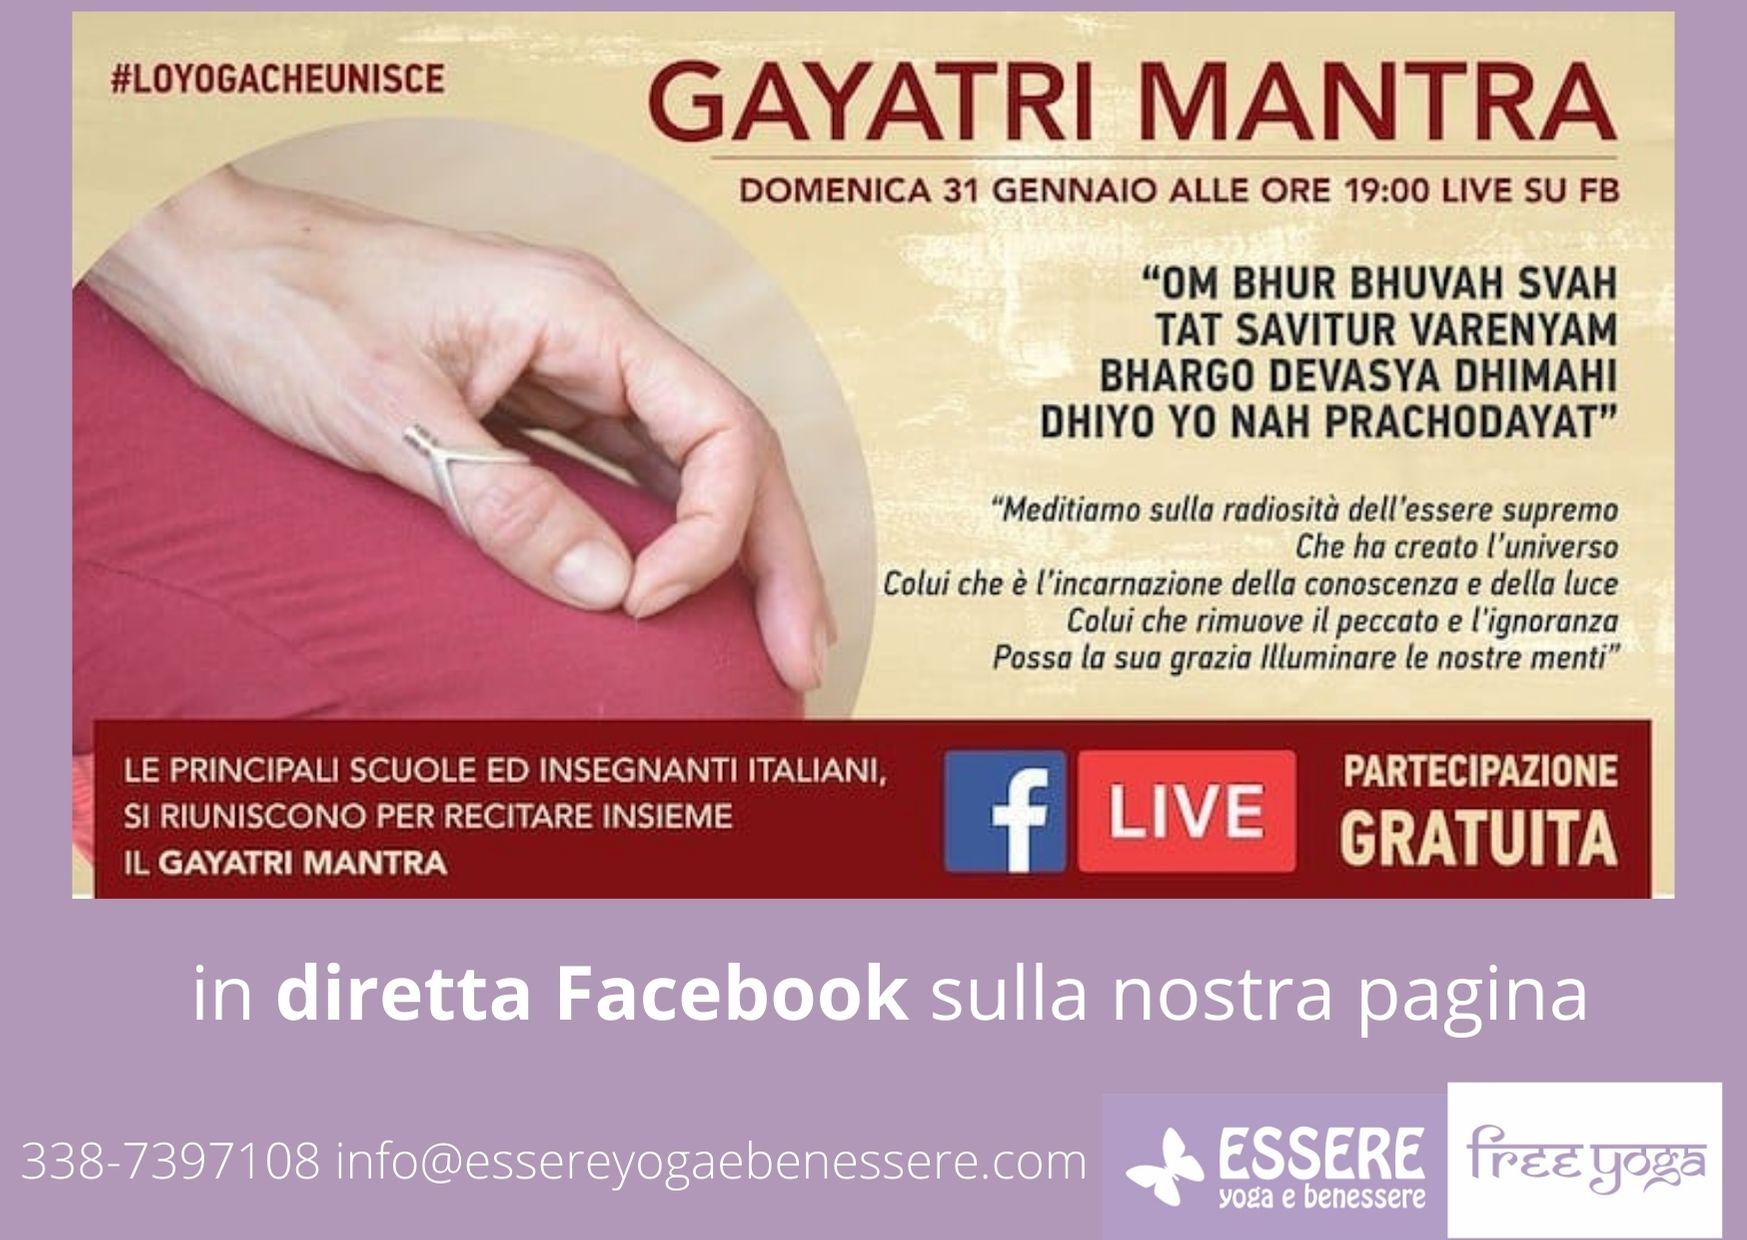 yoga-che-unisce-principali-scuole-italia-free-yoga-lezioni-master-class-hatha-meditazione-mantra-gayatri-essere-yoga-benessere-alassio-lucia-ragazzi